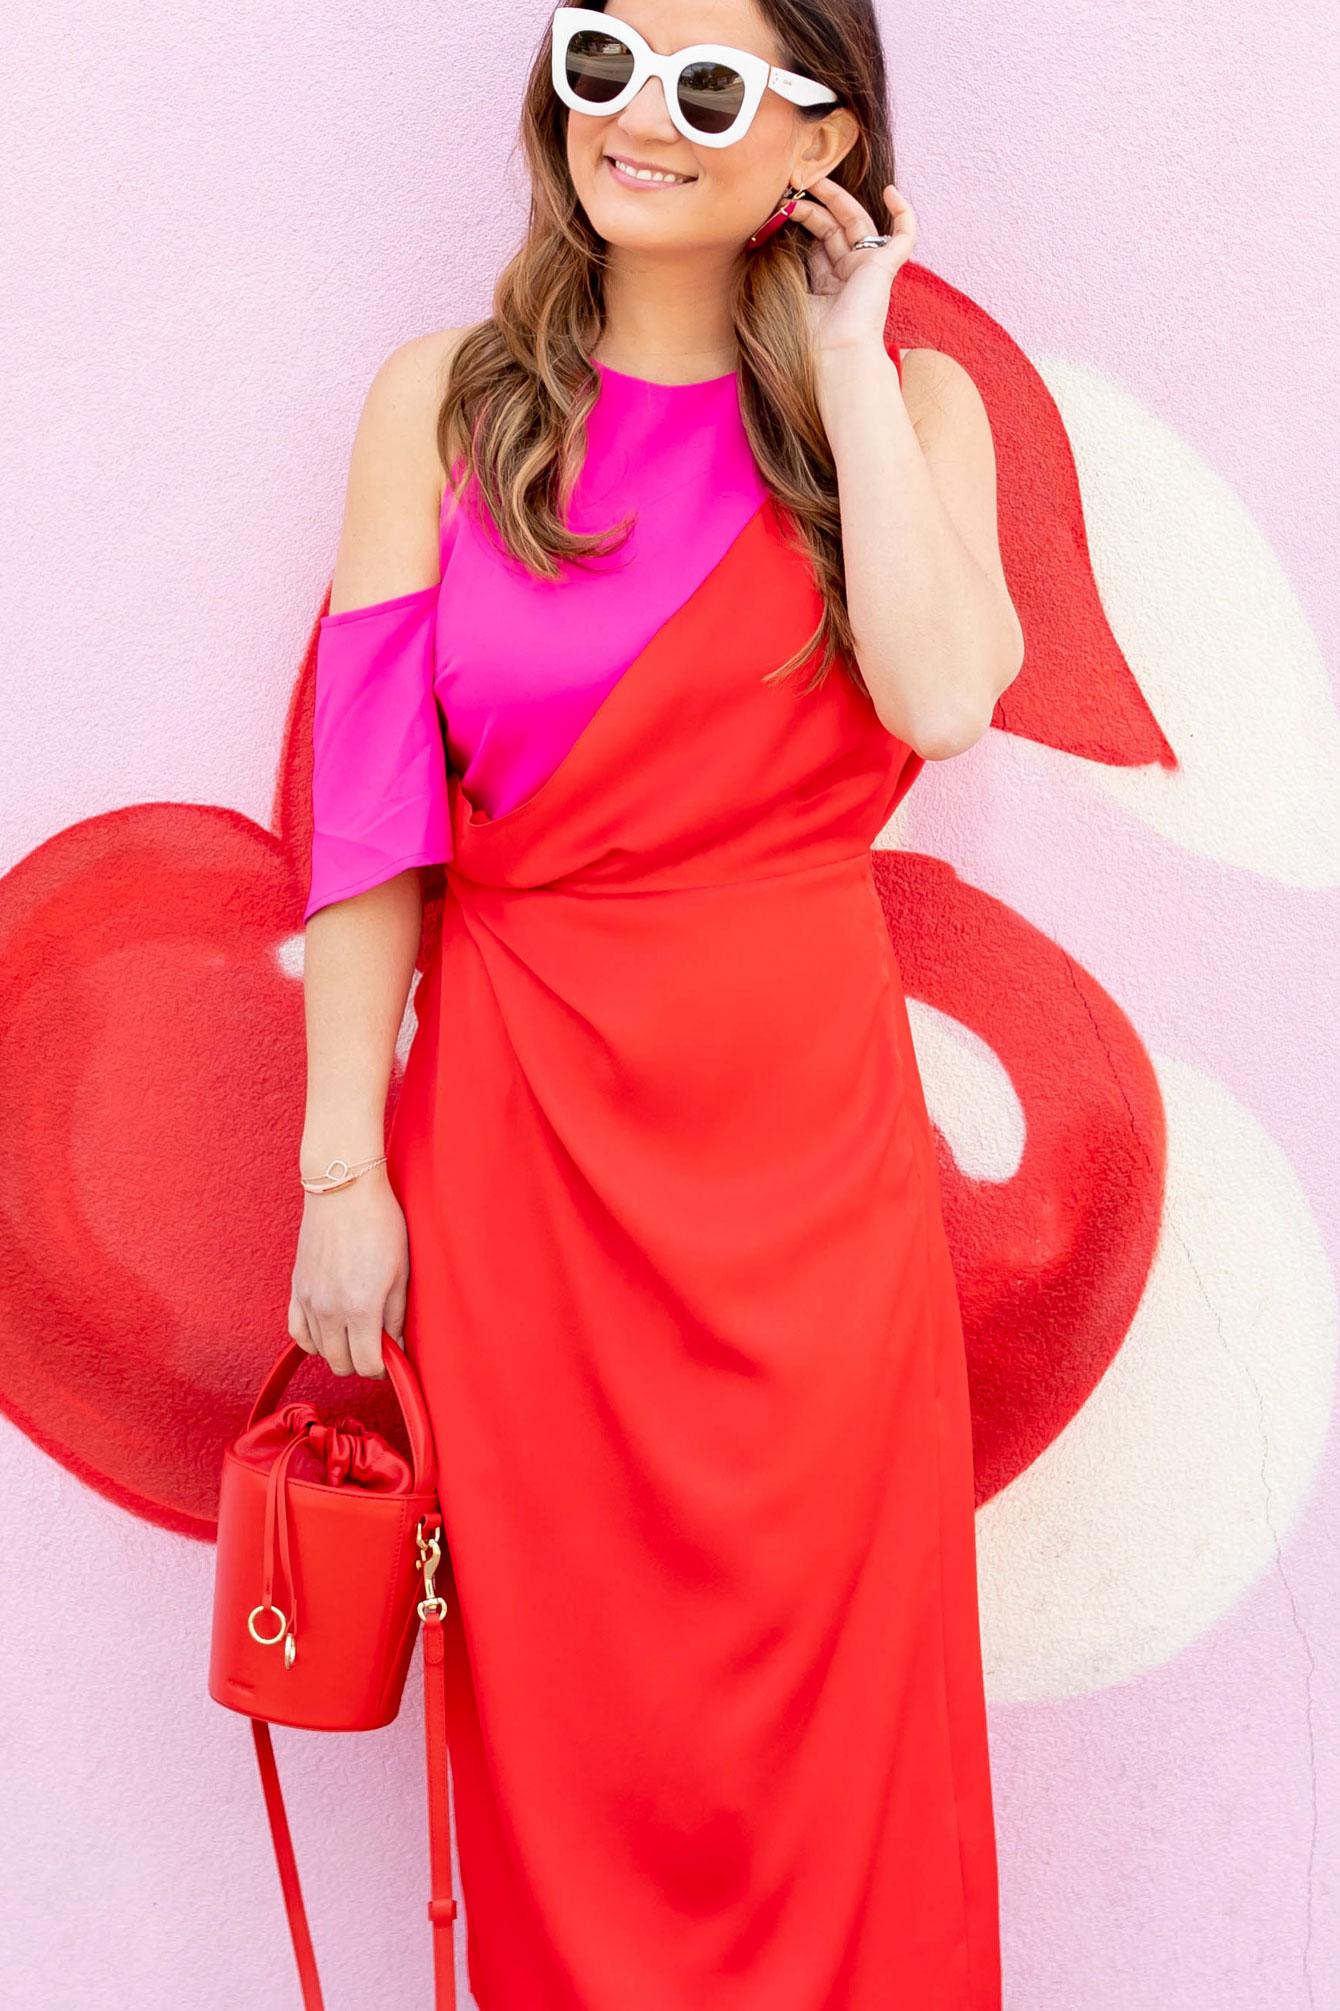 ASOS Red Pink Draped Dress